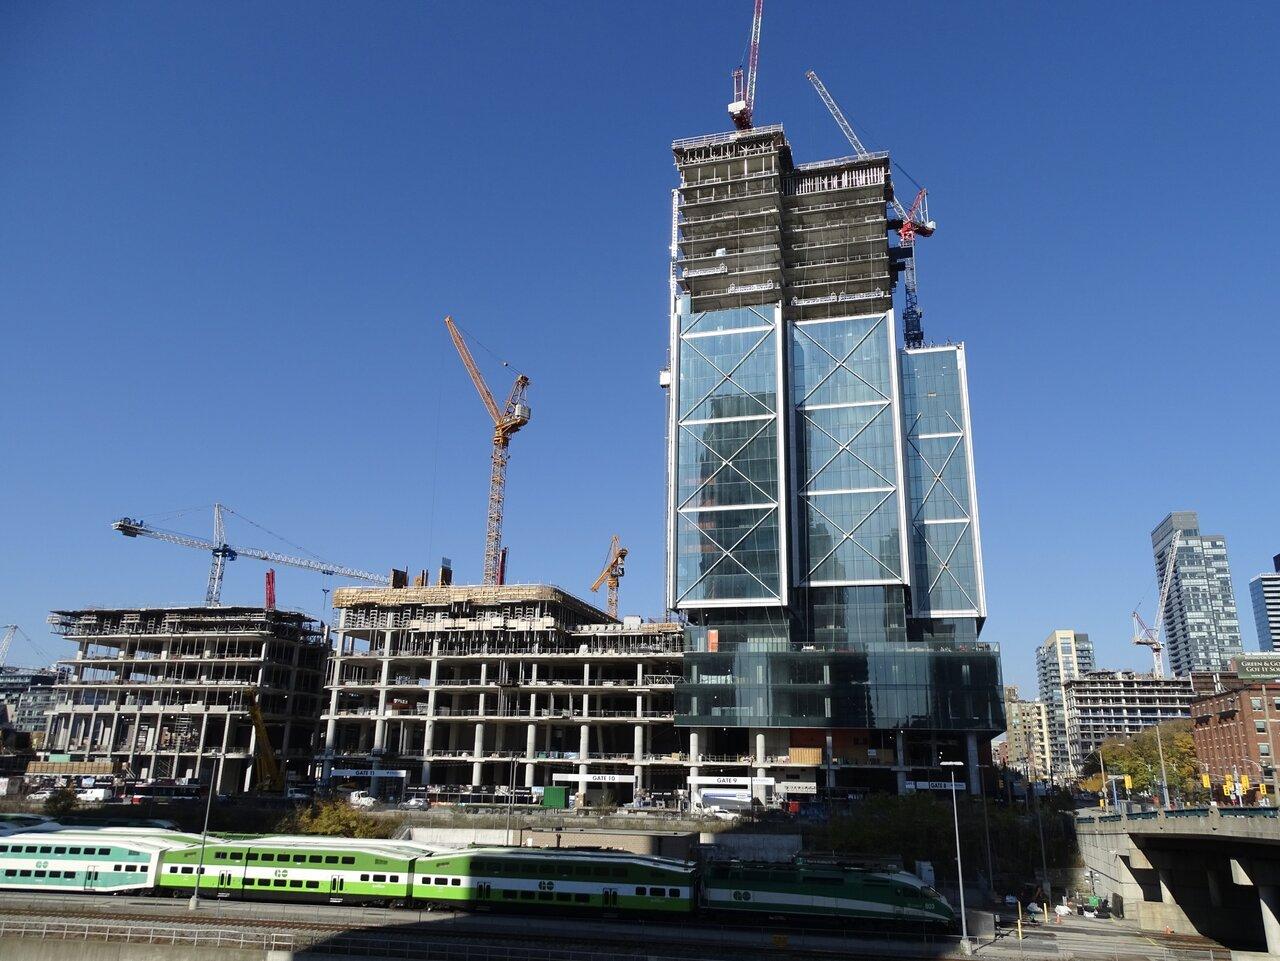 The Well, Tridel, Hariri Pontarini, Wallman, architectsAlliance, Toronto, BPD